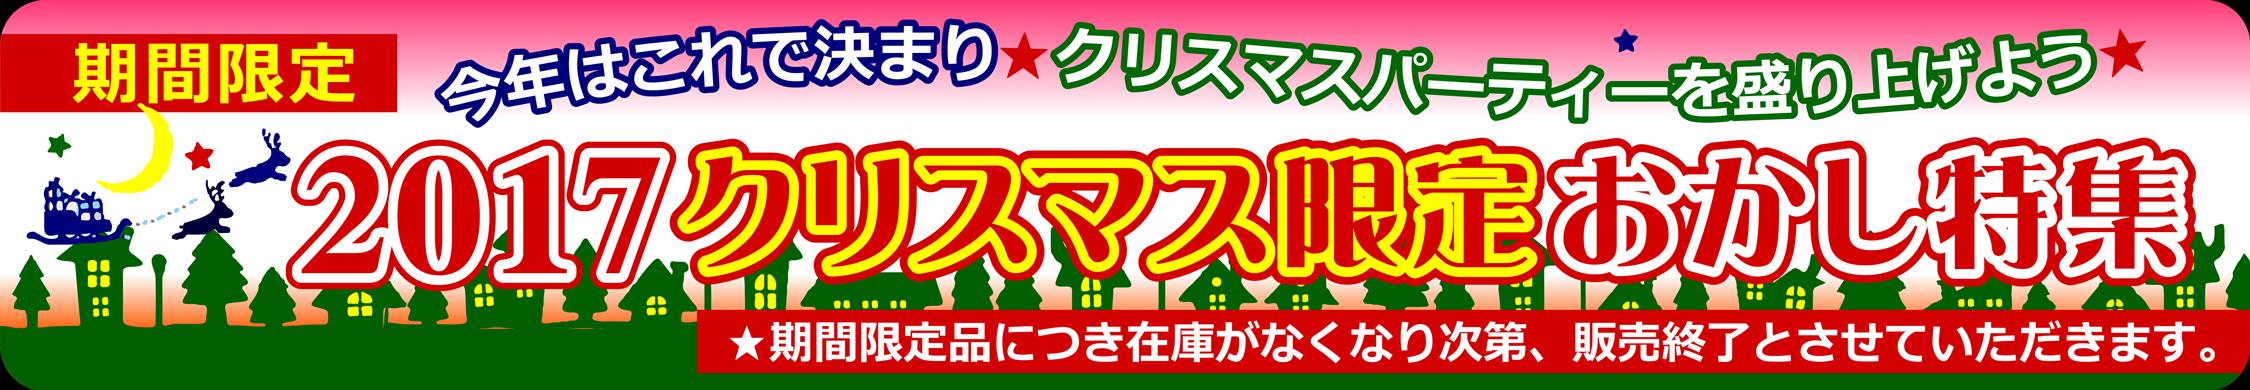 今年のクリスマスはこれで決まり☆クリスマスパーティーを盛り上げよぅ~♪2017クリスマス限定お菓子特集